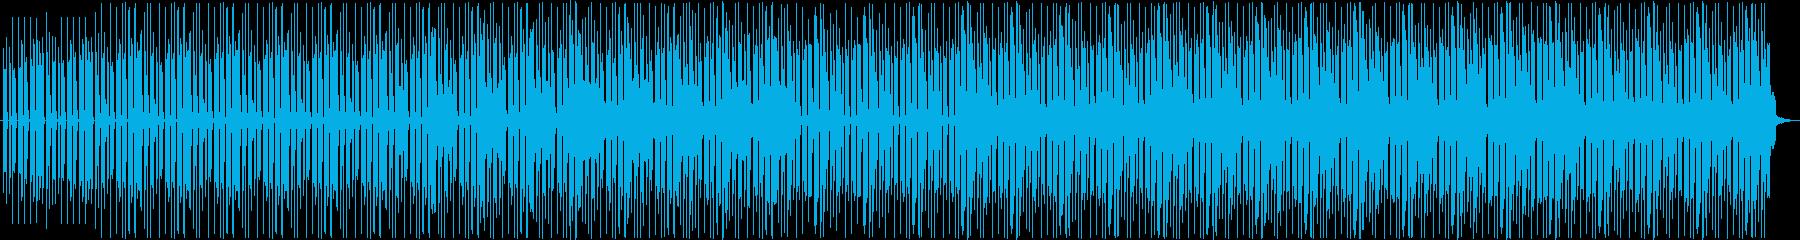 スタイリッシュでタイトなギター&ドラムの再生済みの波形